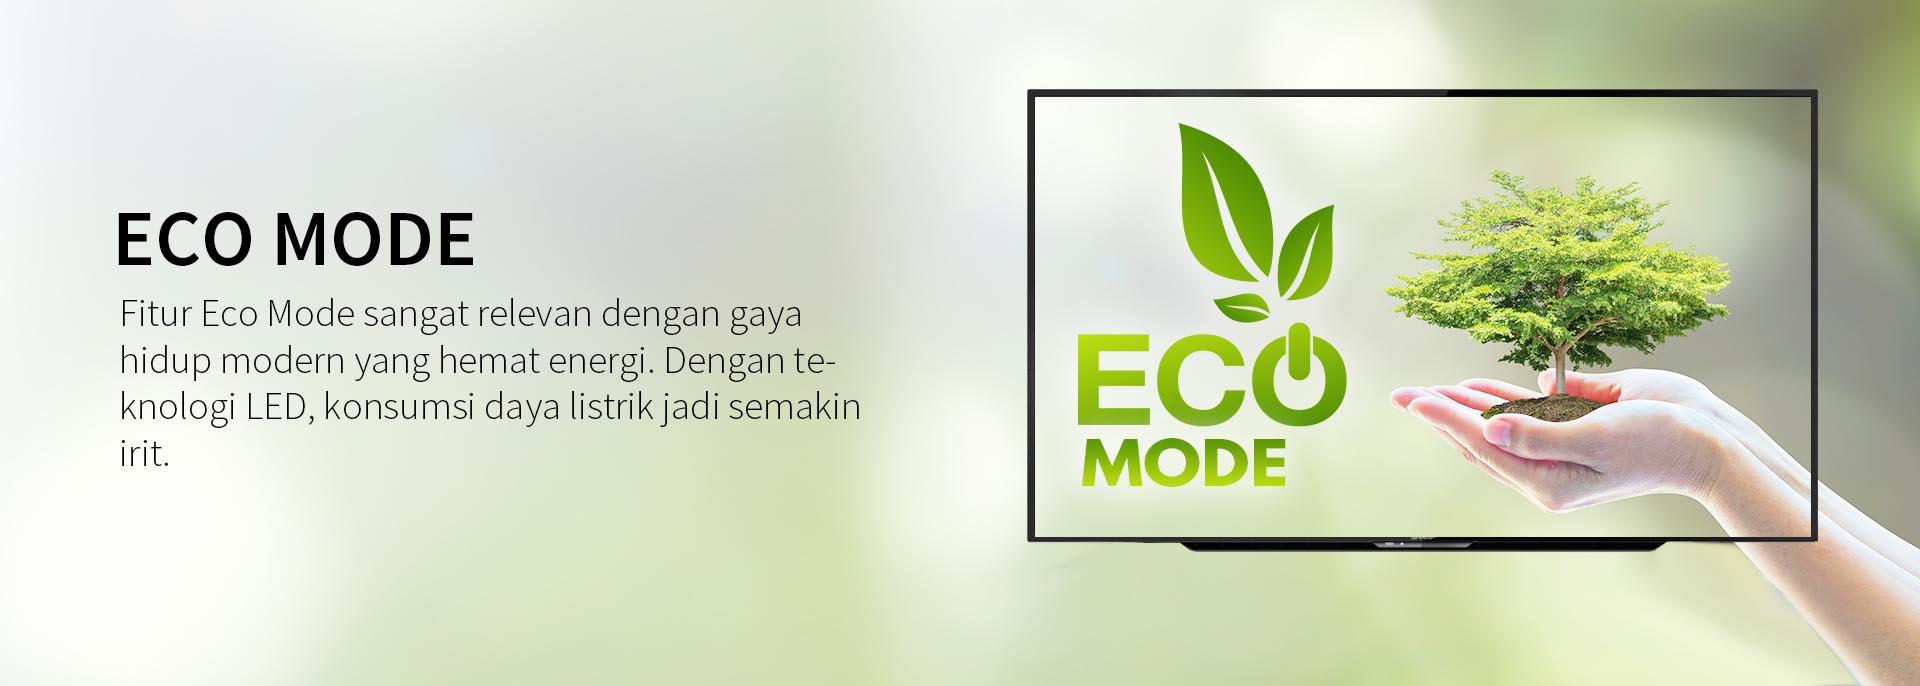 ok-ECO-MODE.jpg